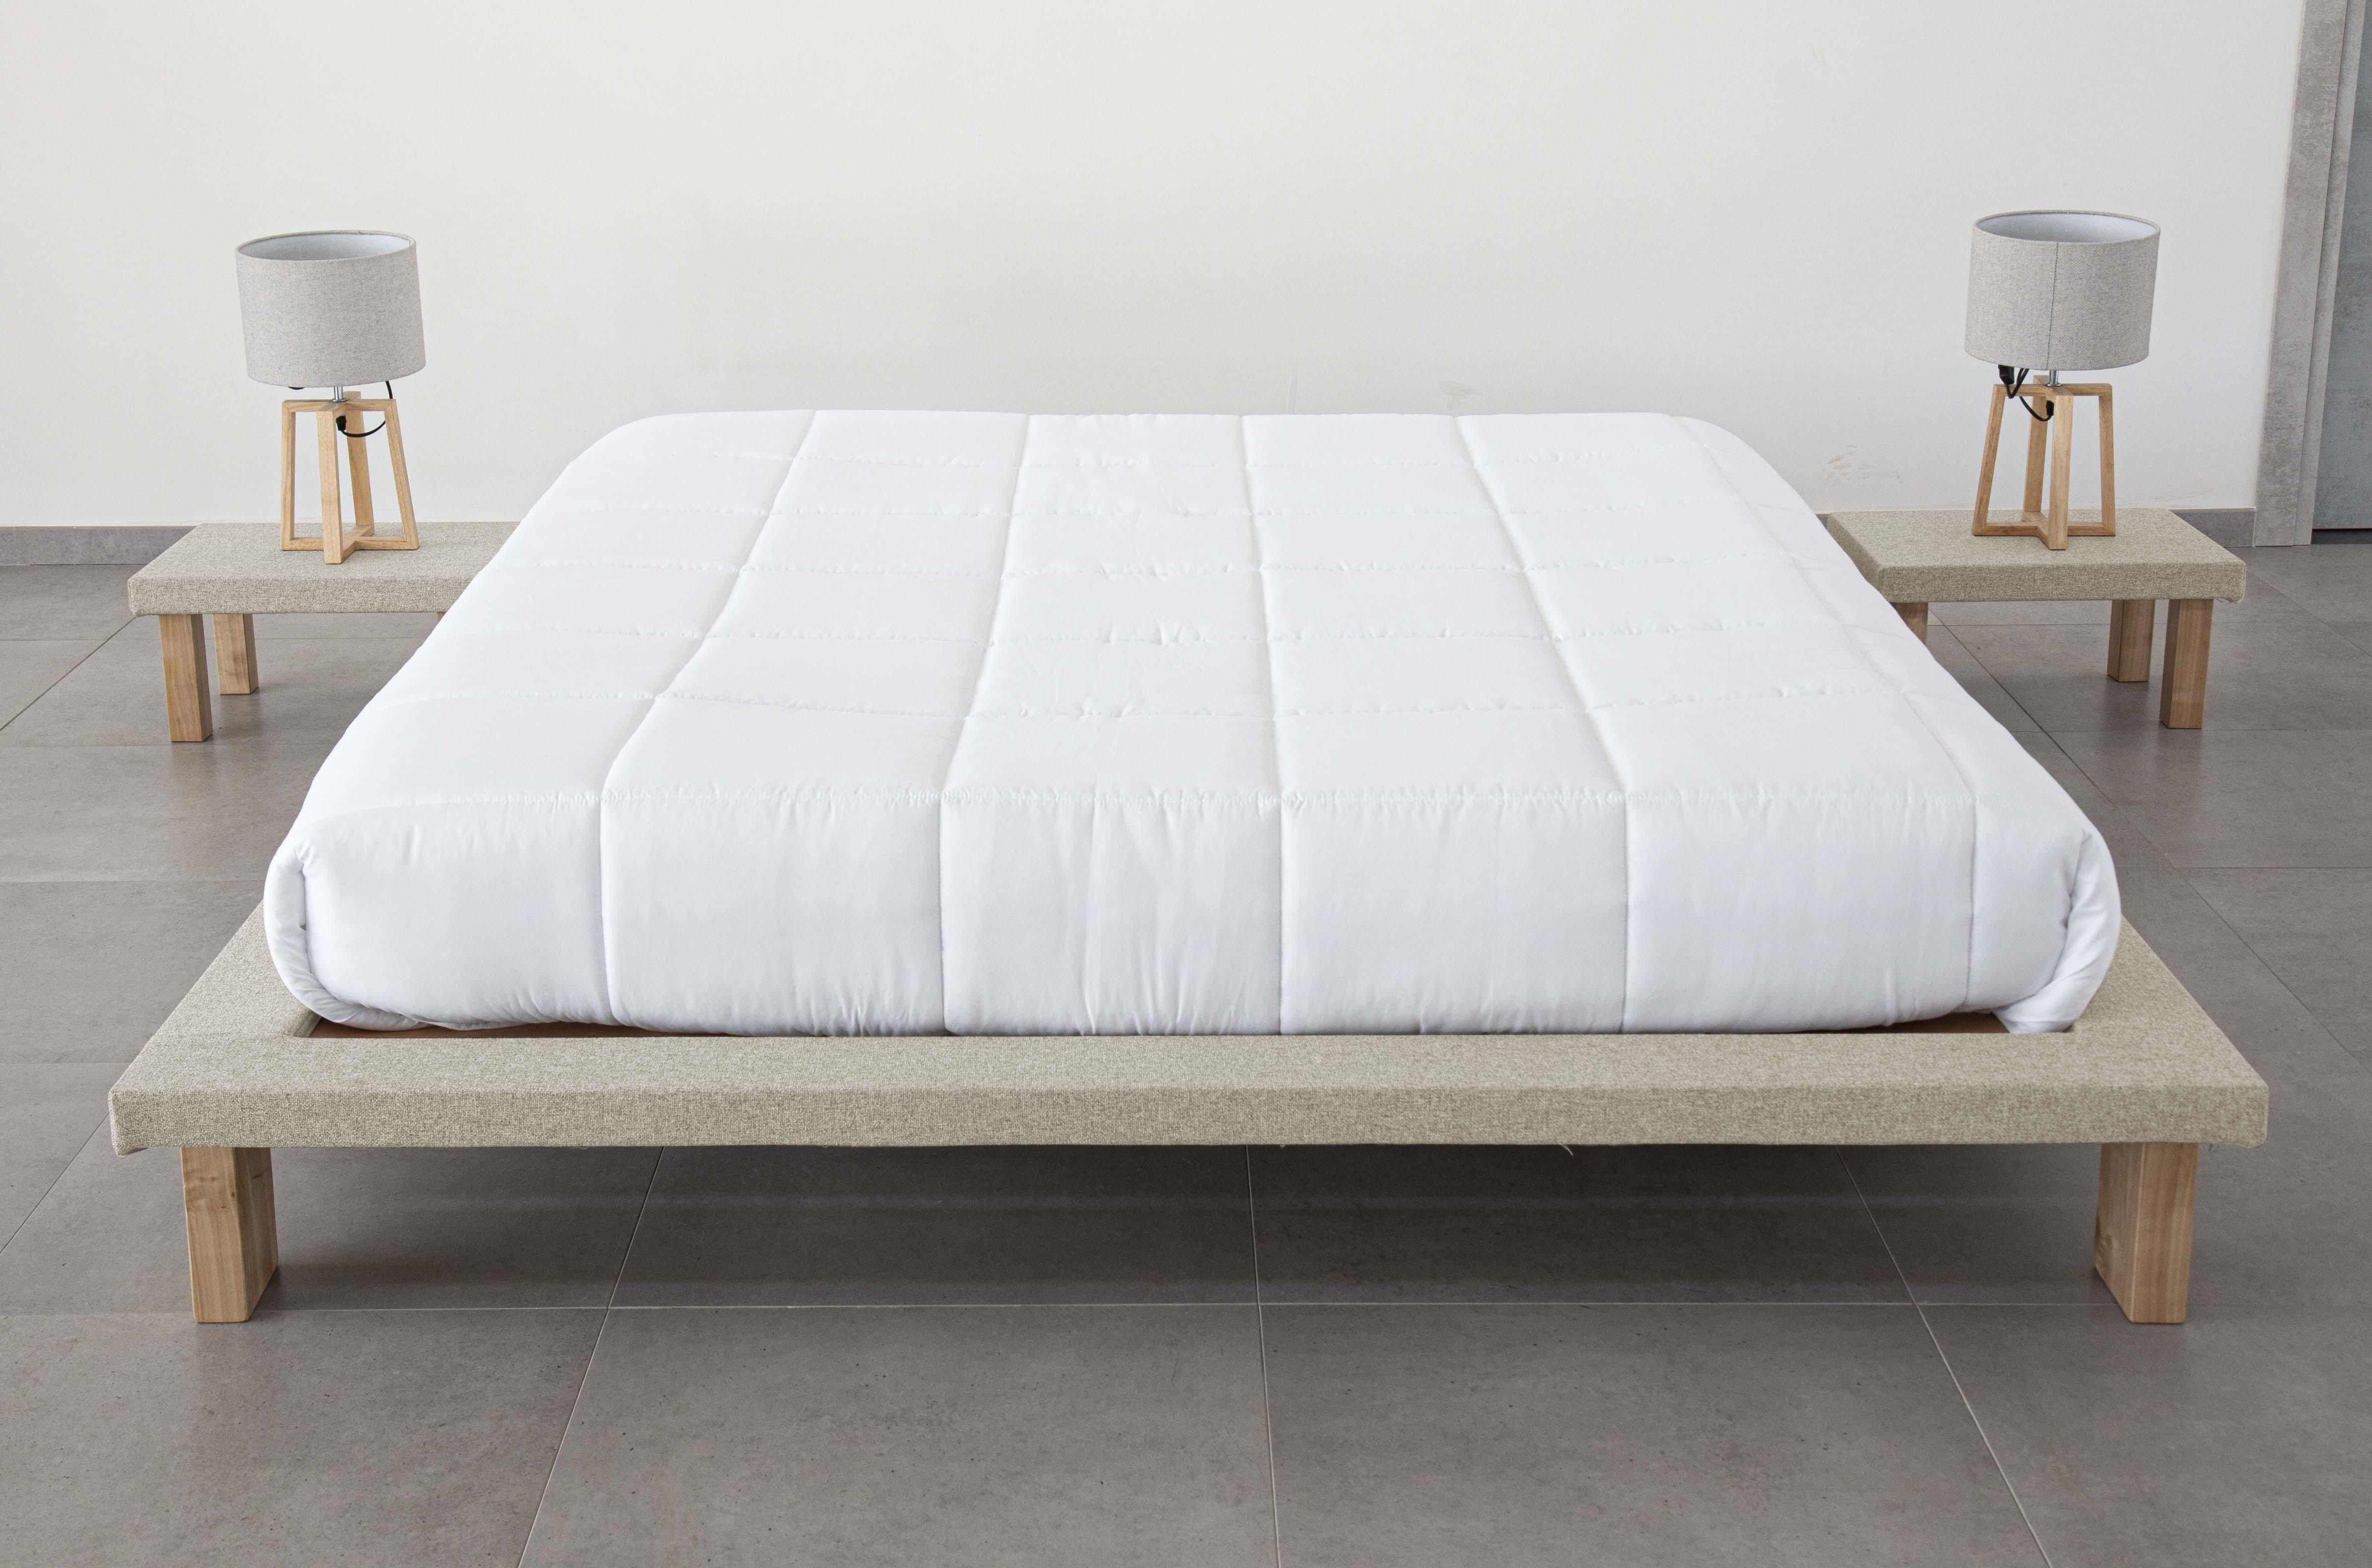 letto tatami matrimoniale in legno naturale alto 25 cm con comodini inclusi   tami